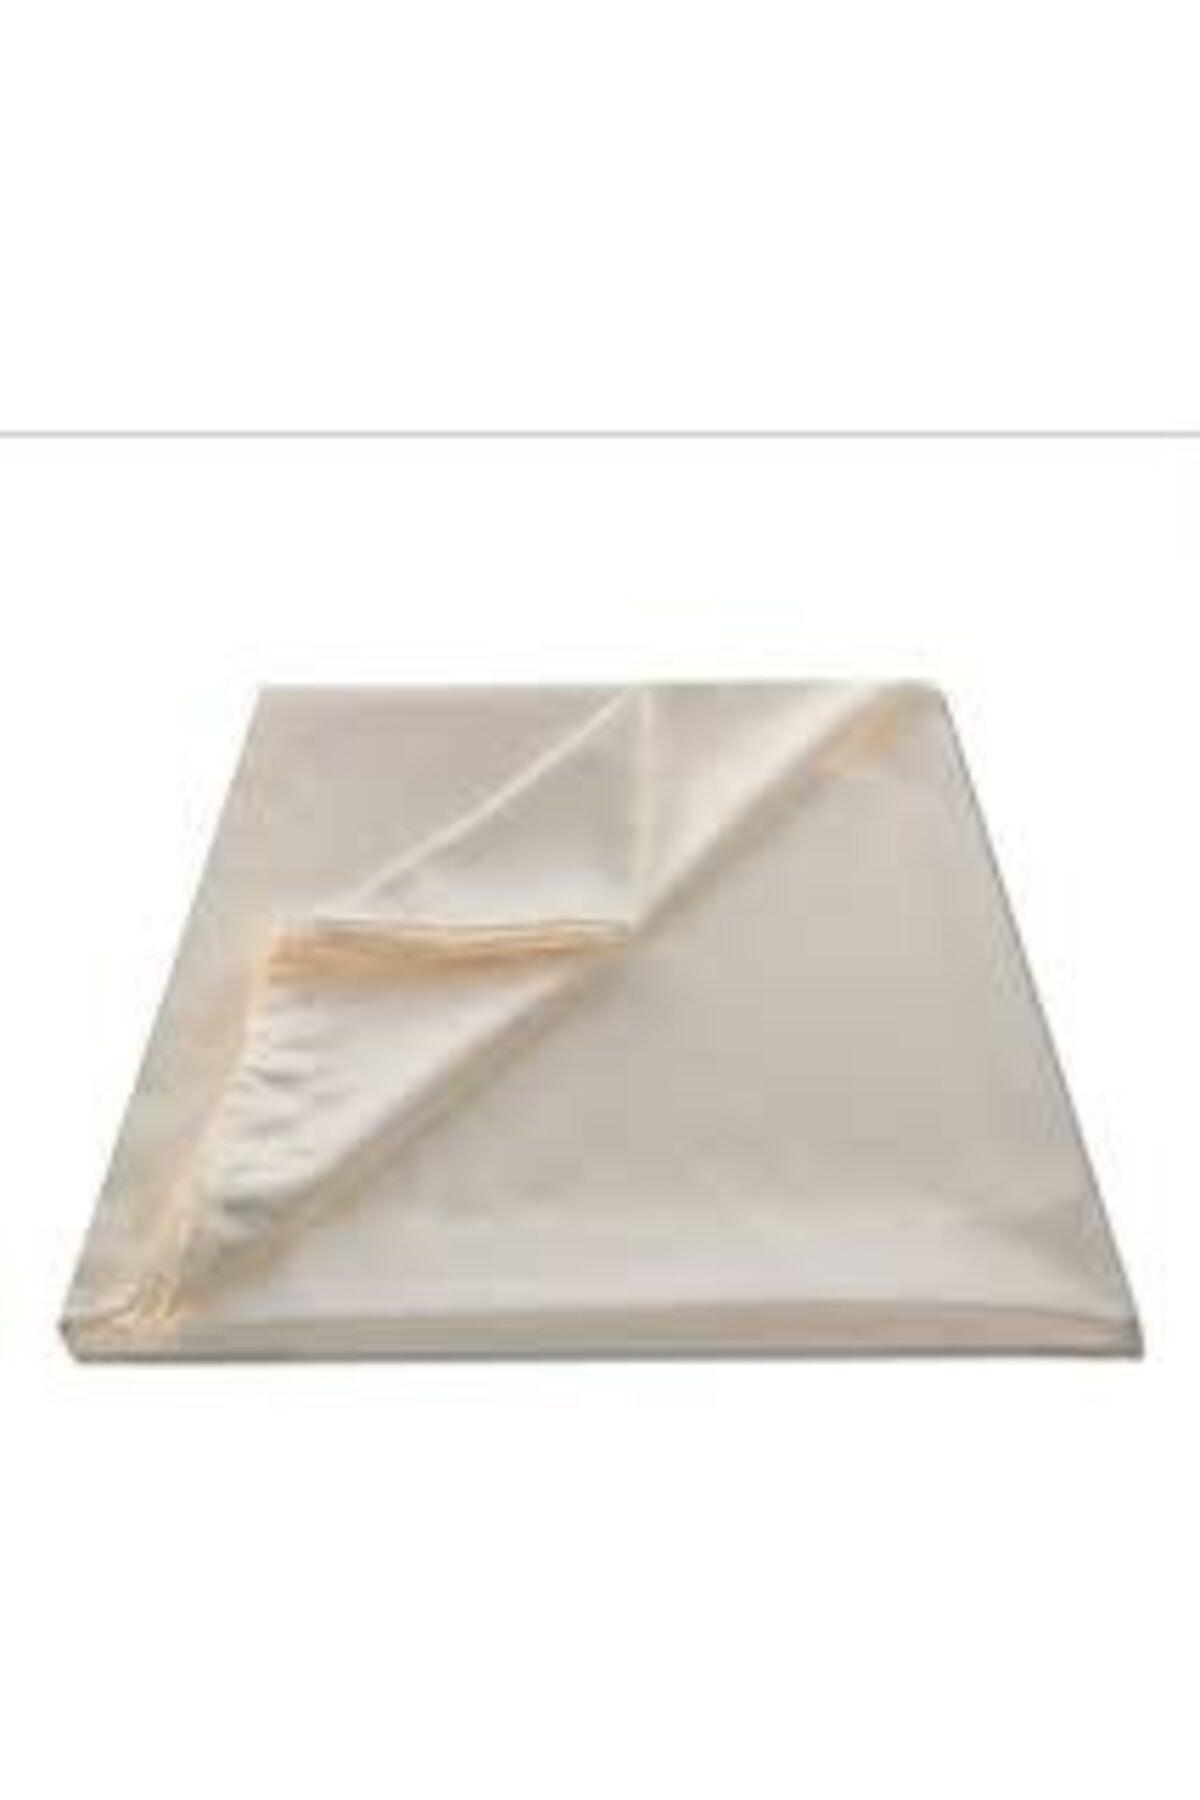 Zümrüt Ev Tekstil Lüks Saten Güneşlik Perde 400x260 2